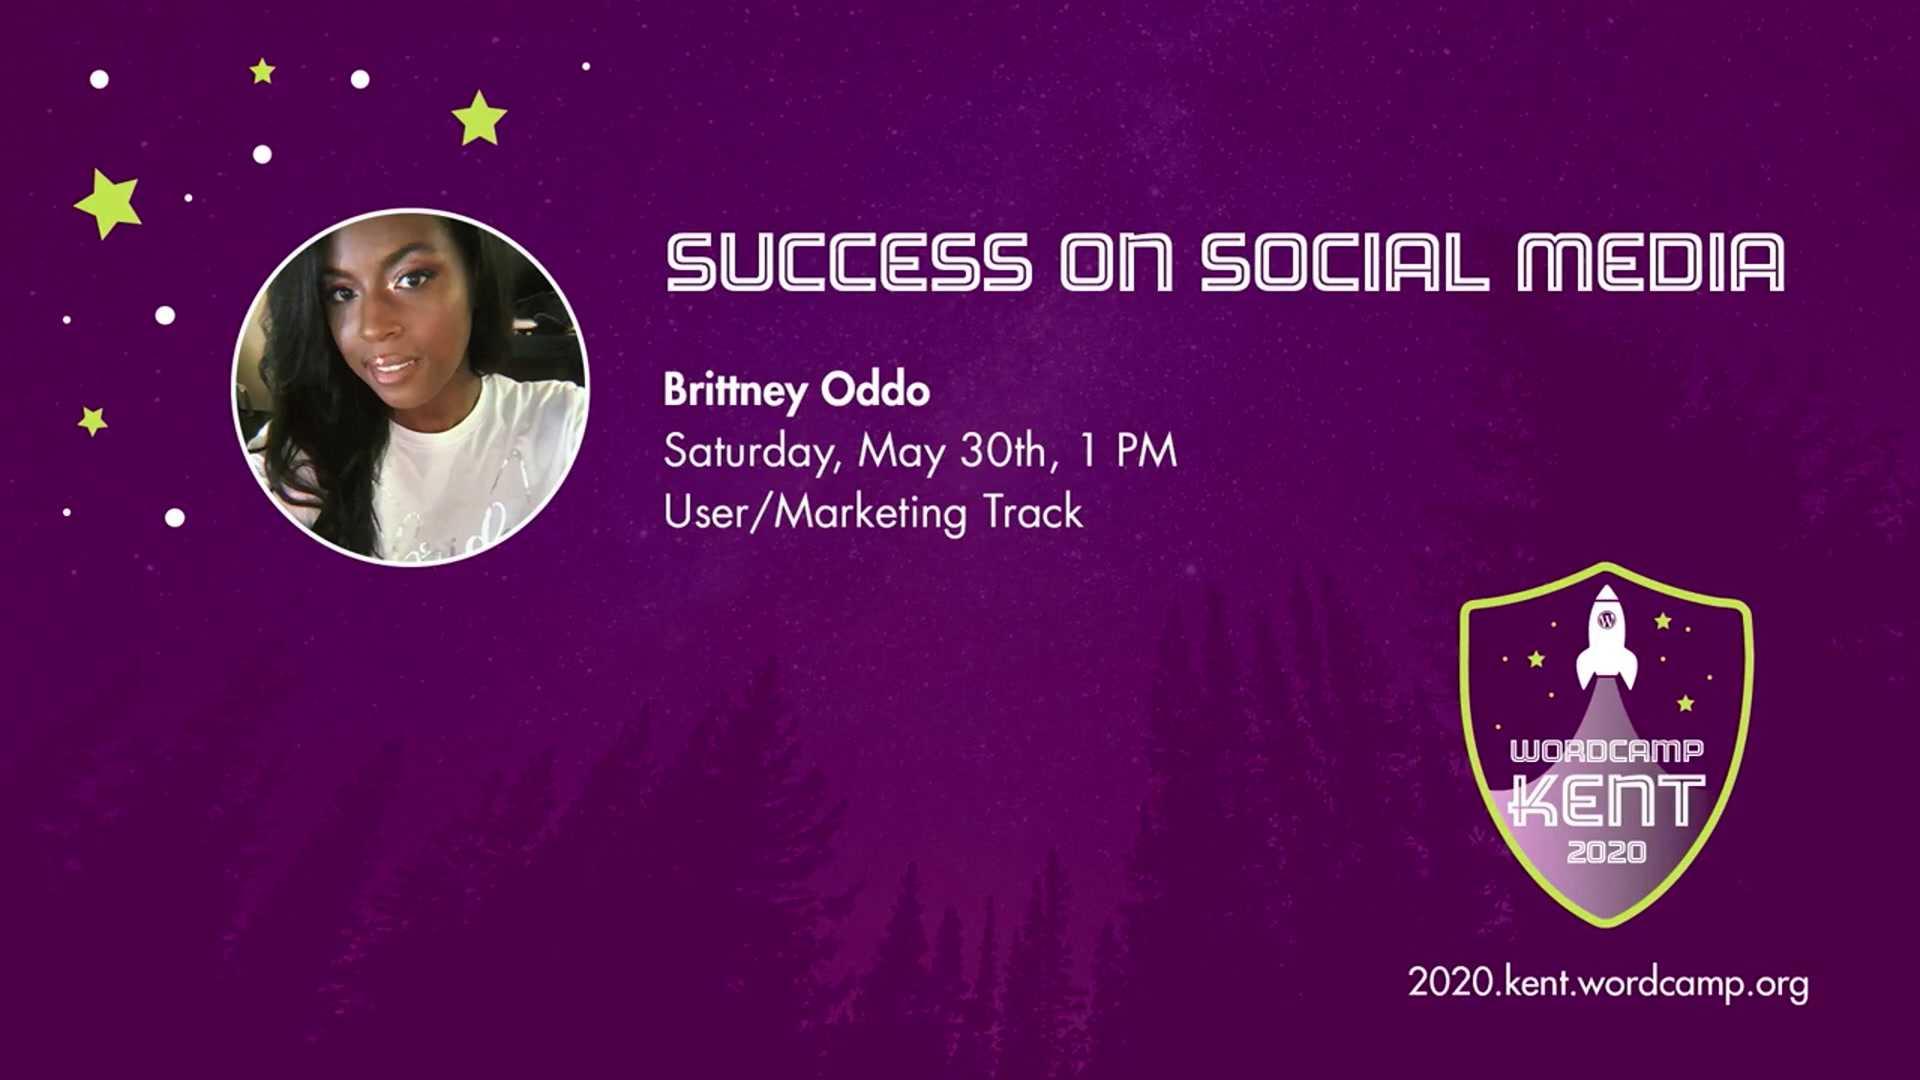 Brittney Oddo: Success on Social Media